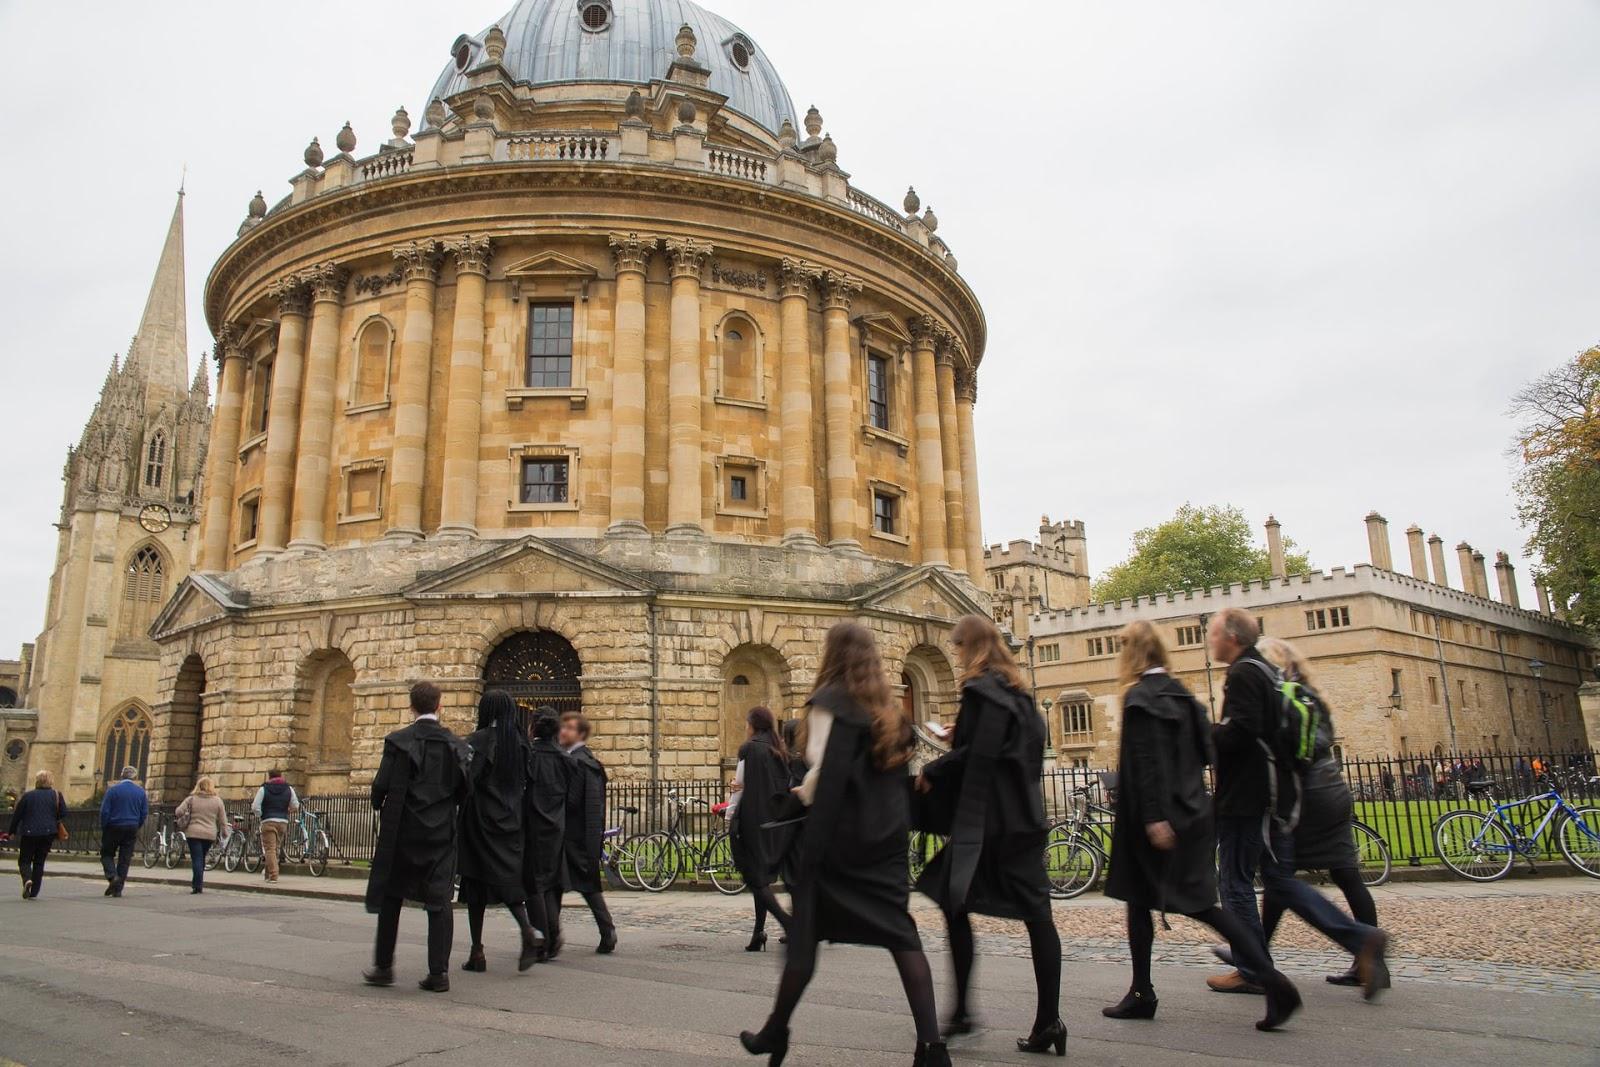 Đại học Oxford của Anh xếp hạng 1 liên tiếp trong 6 năm - Ảnh: Cherwell